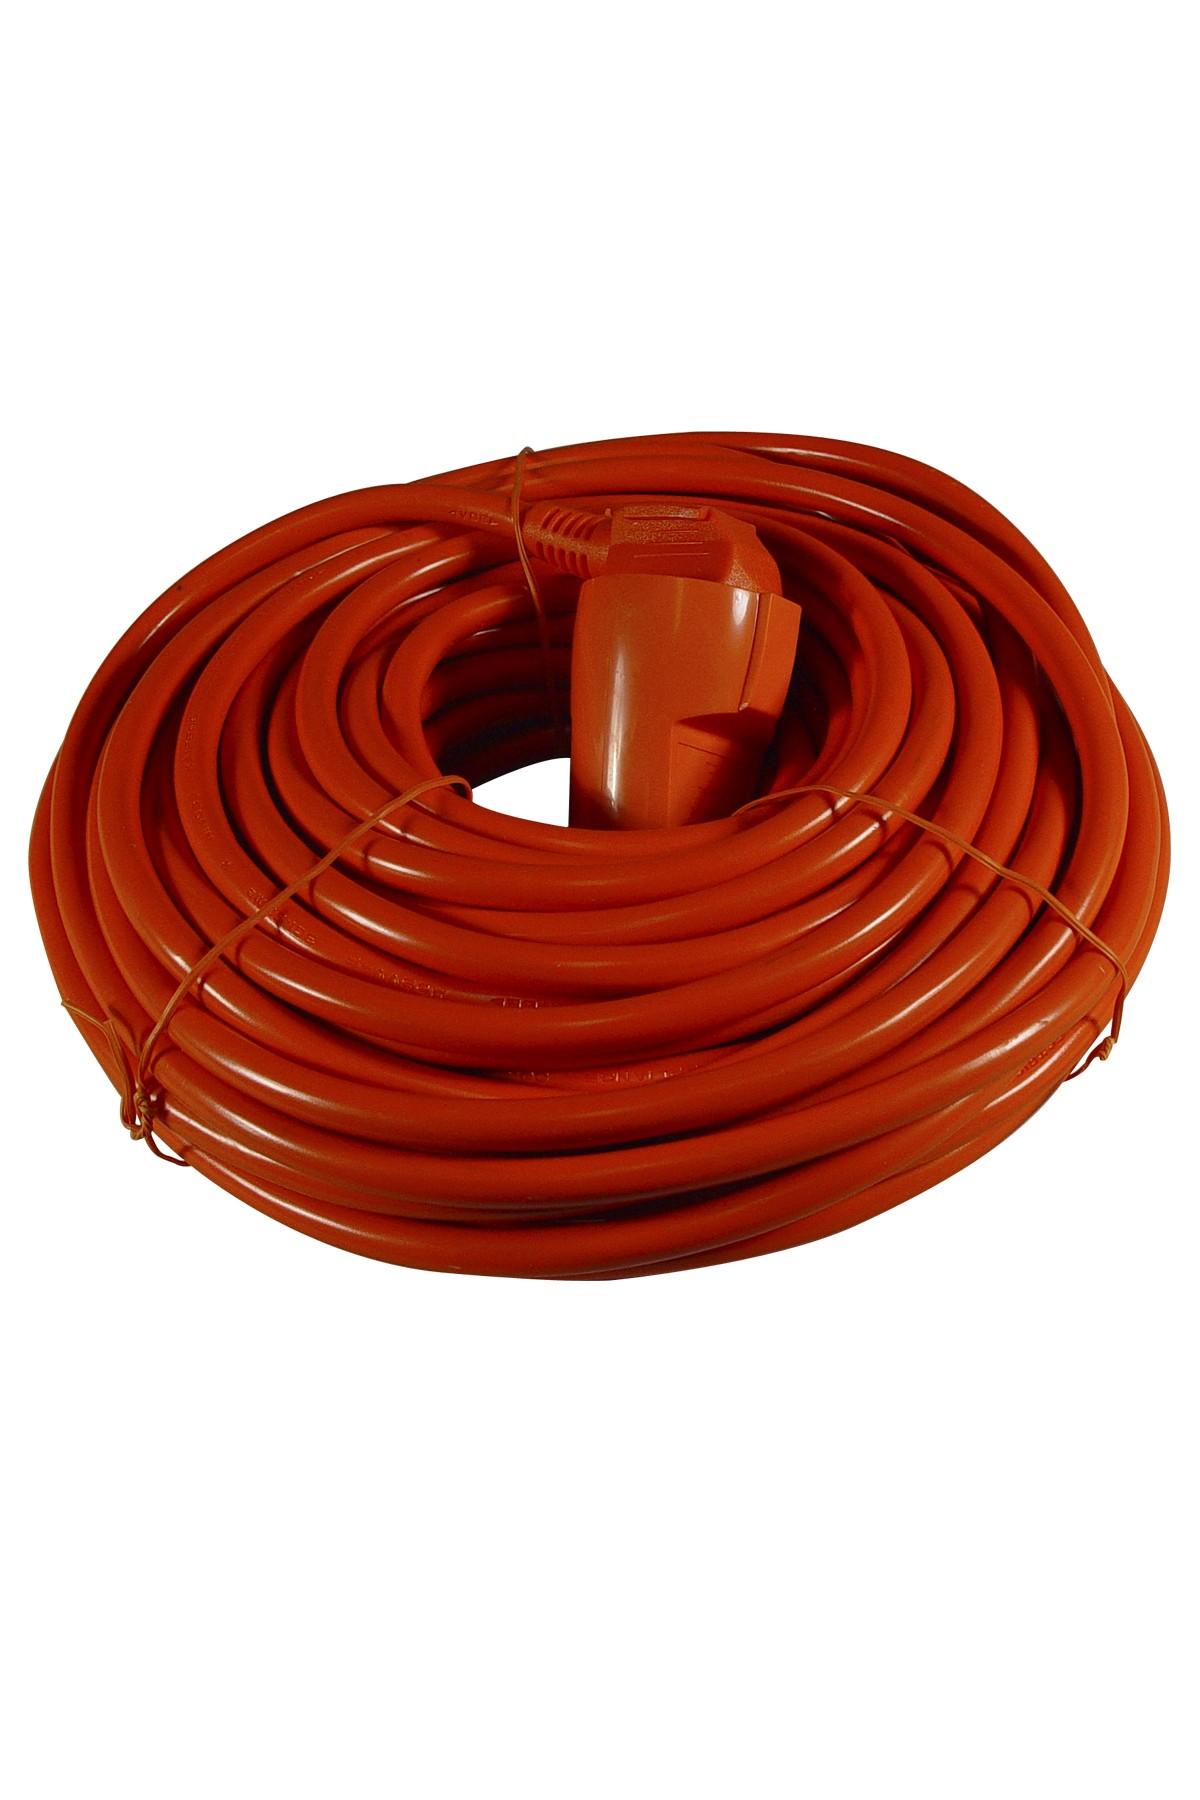 Verlengkabel 20 mtr oranje 3x1,5 mm